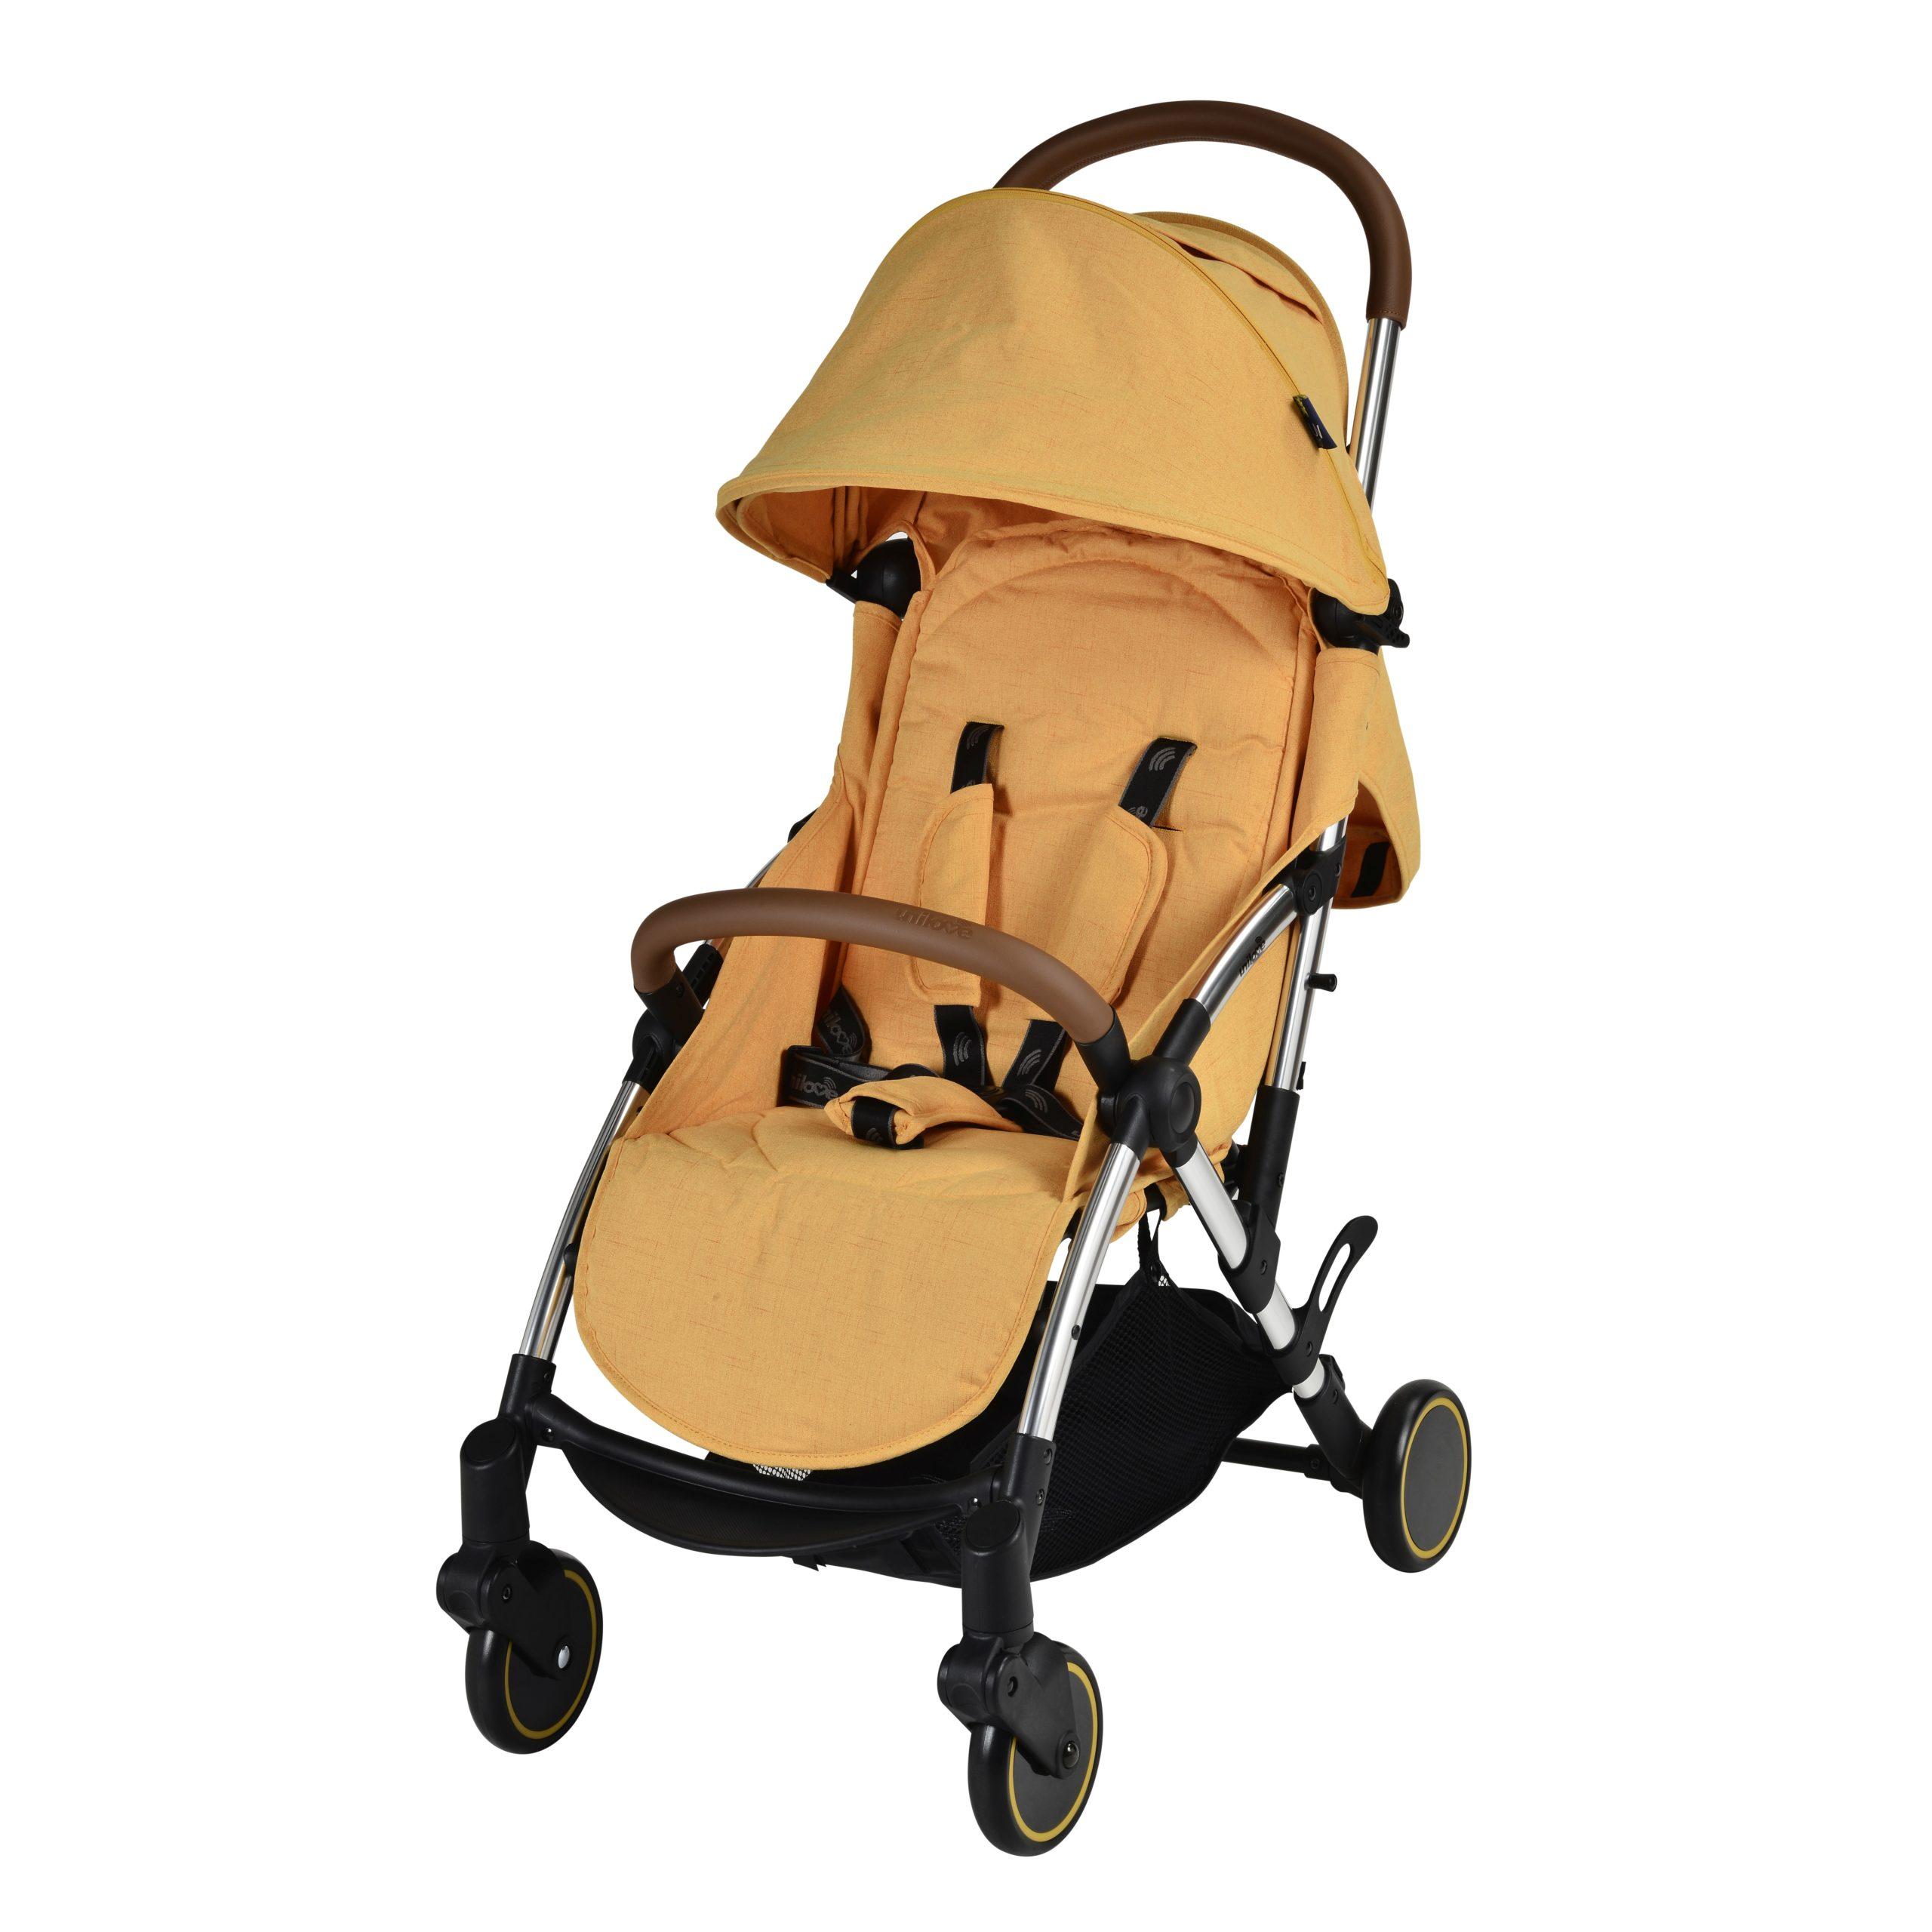 Emmaljunga Slight Premium Pushchair - Tuscany Yellow